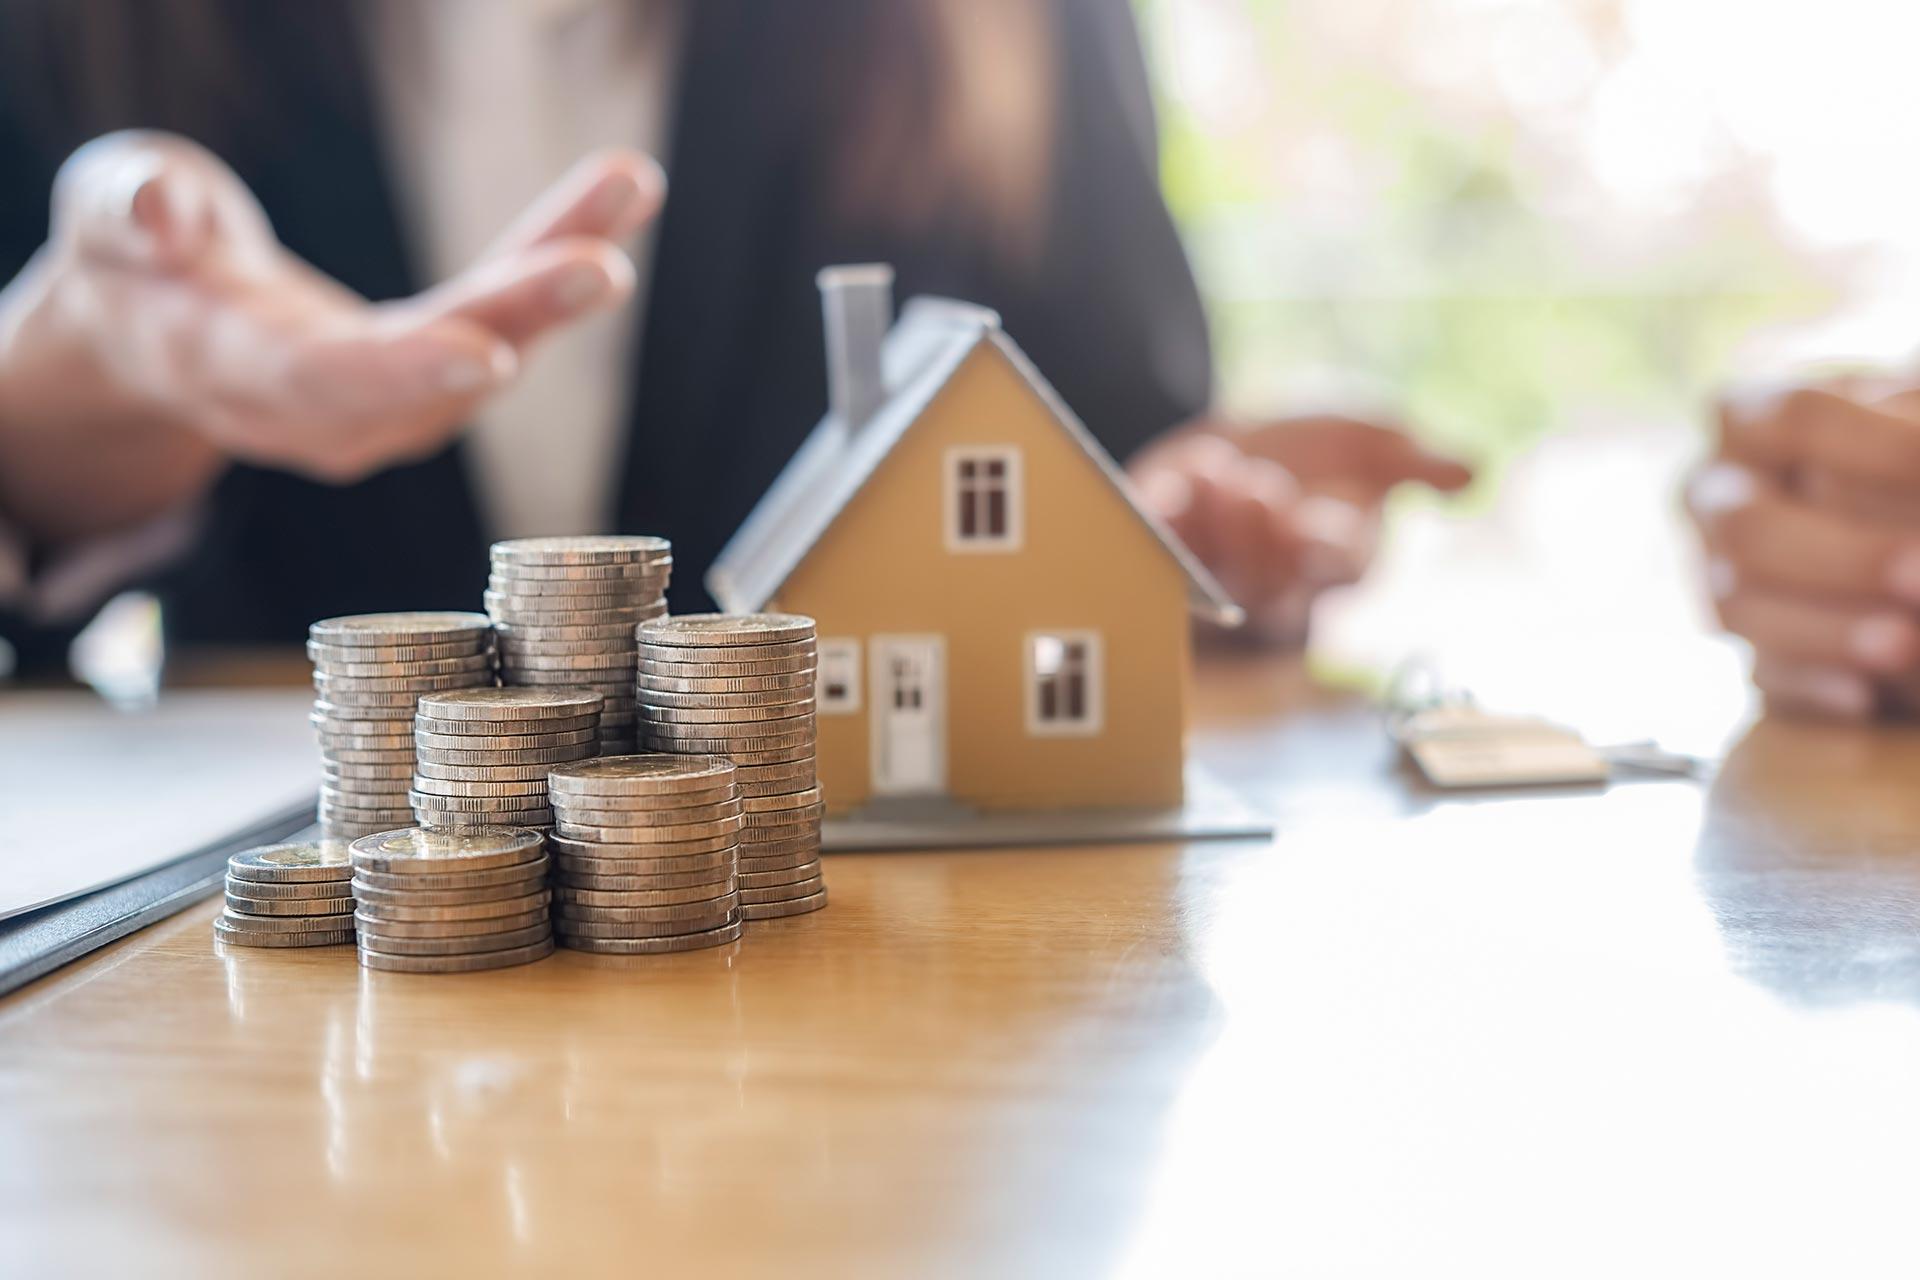 Welcher Immobilienpreis?